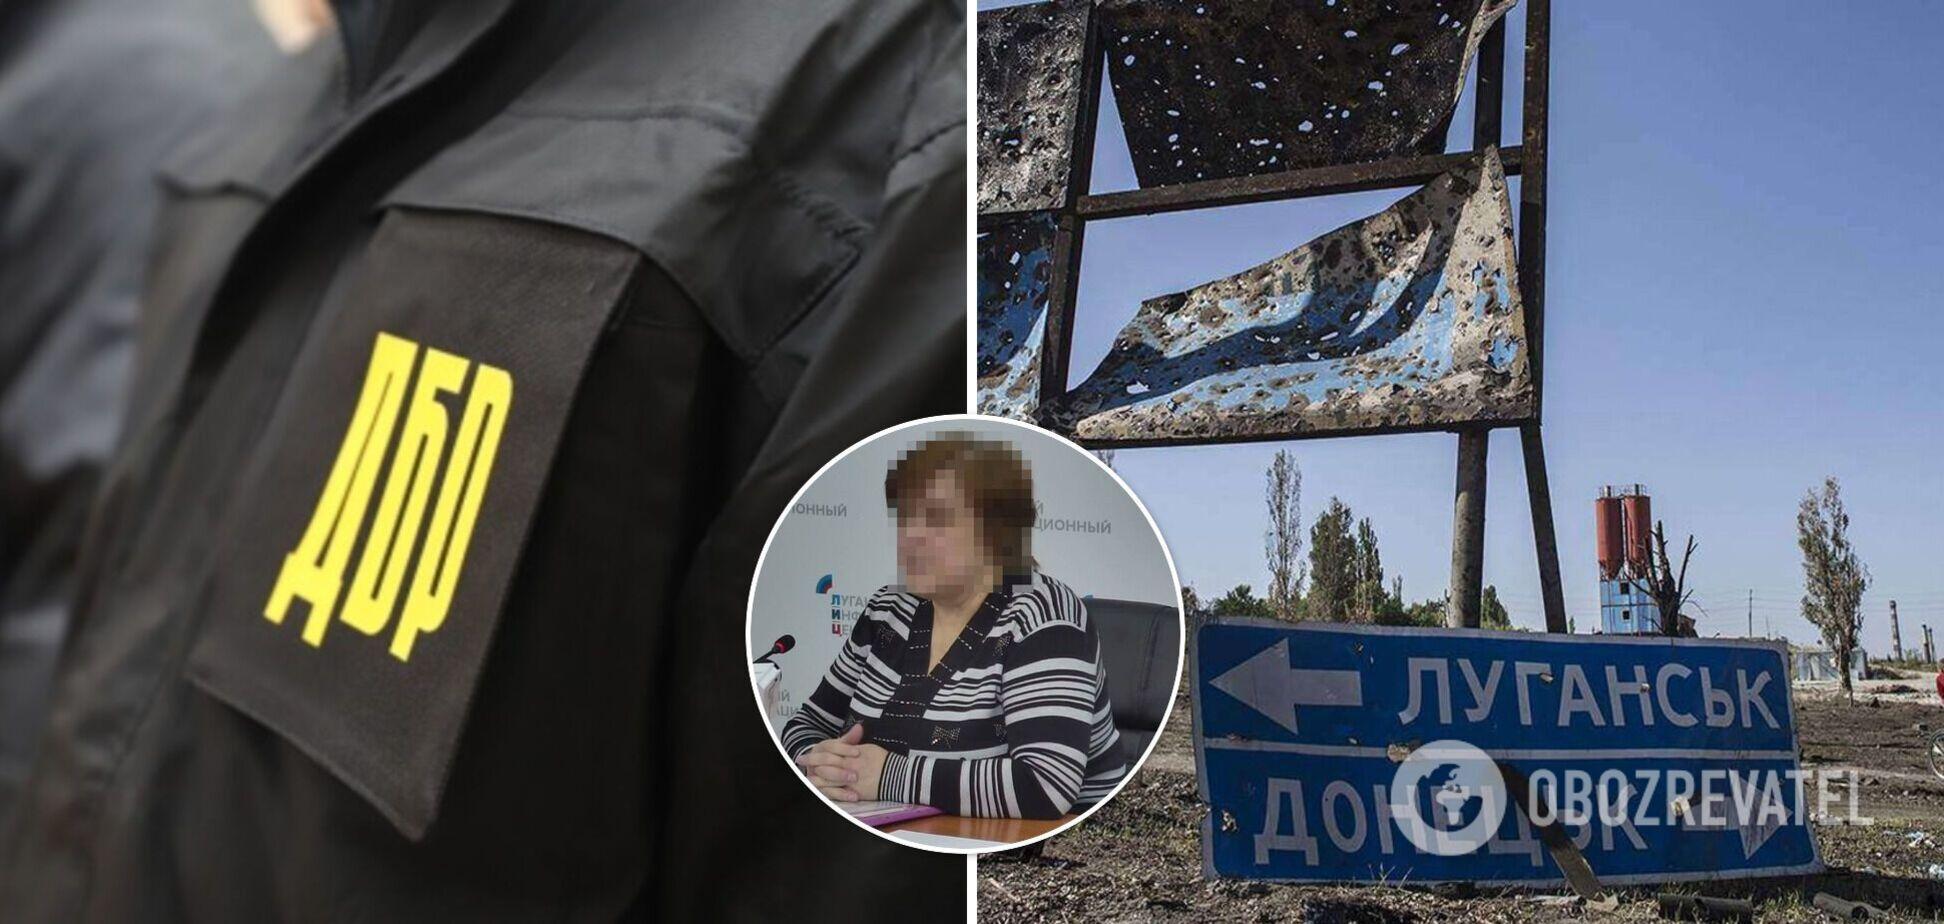 ГБР обвинило в госизмене экс-судью Апелляционного суда Луганской области. Фото